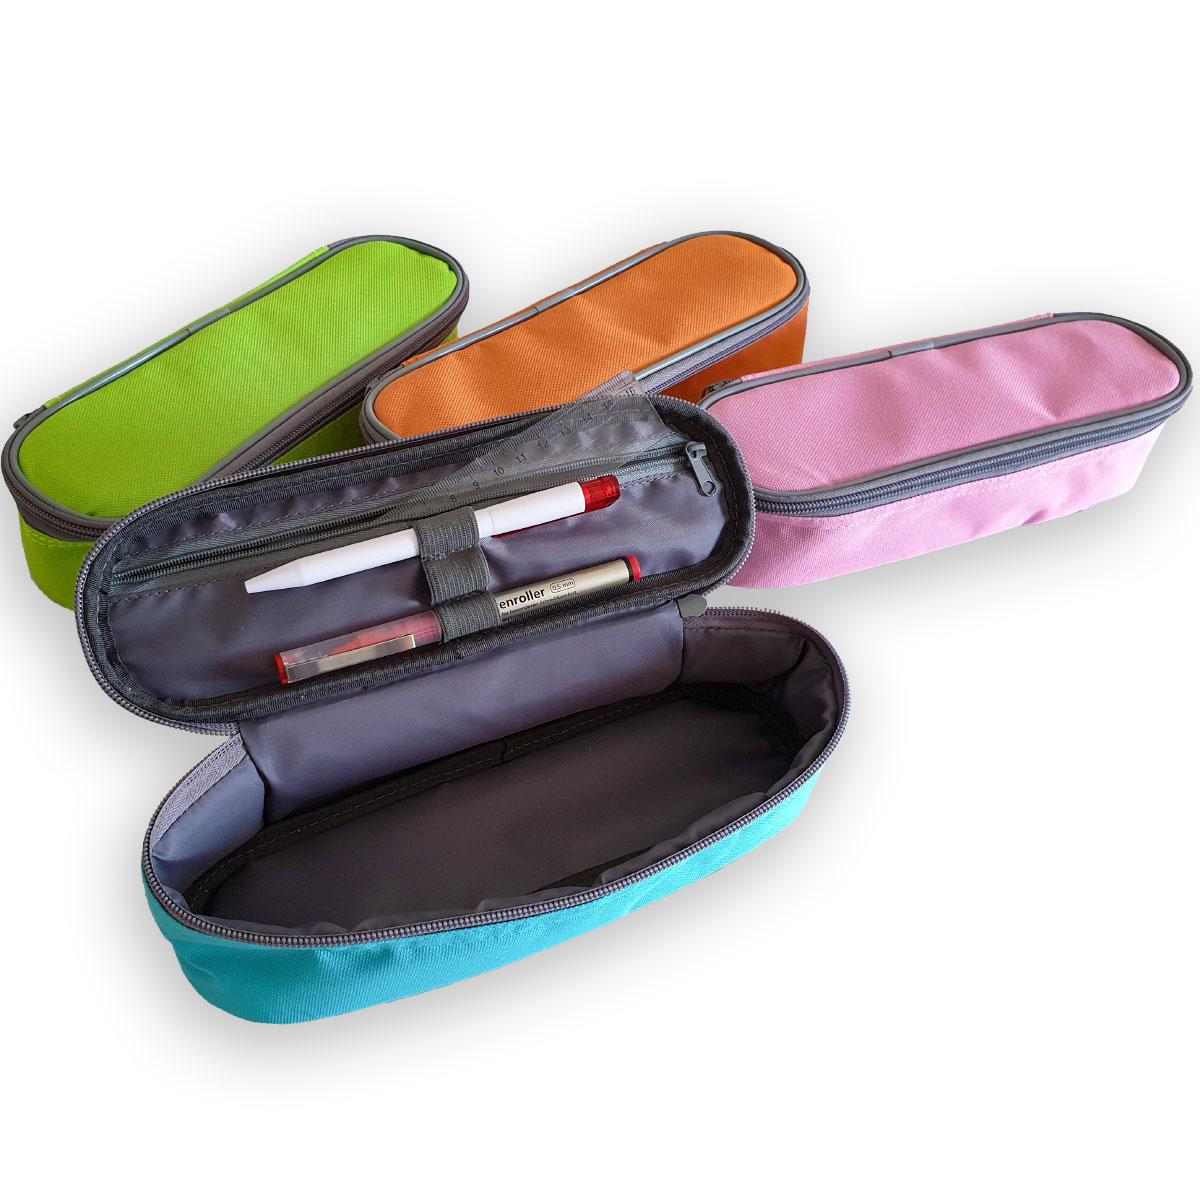 Faulenzerbox XL mit 3 Stifteschlaufen Image